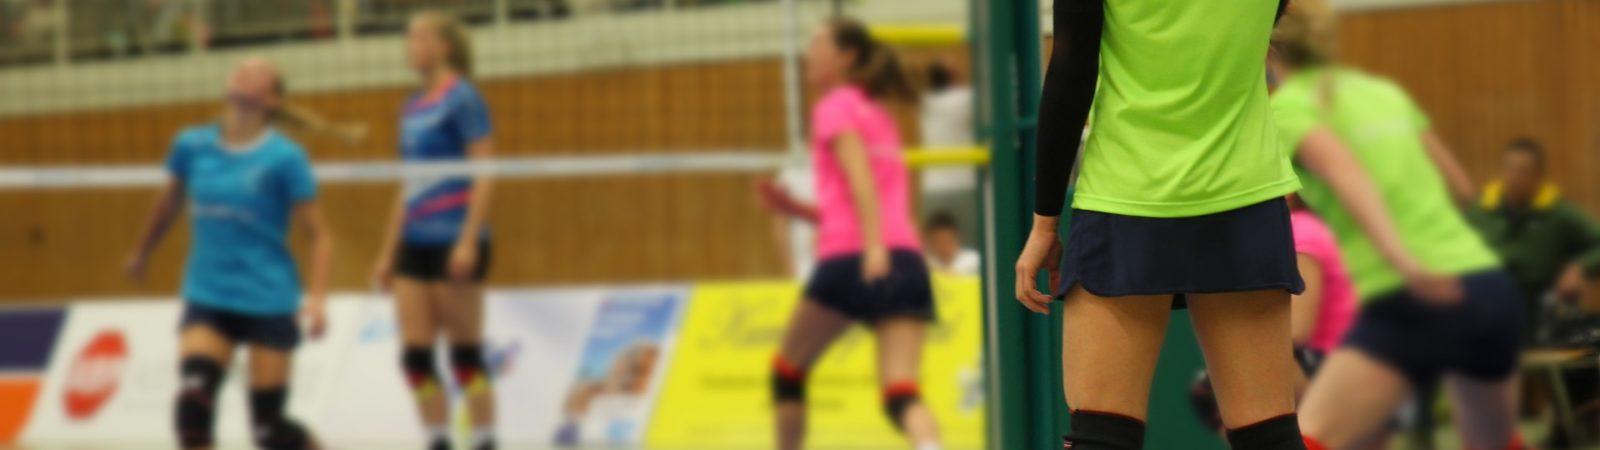 Sportvereine_volleyball_pixabay